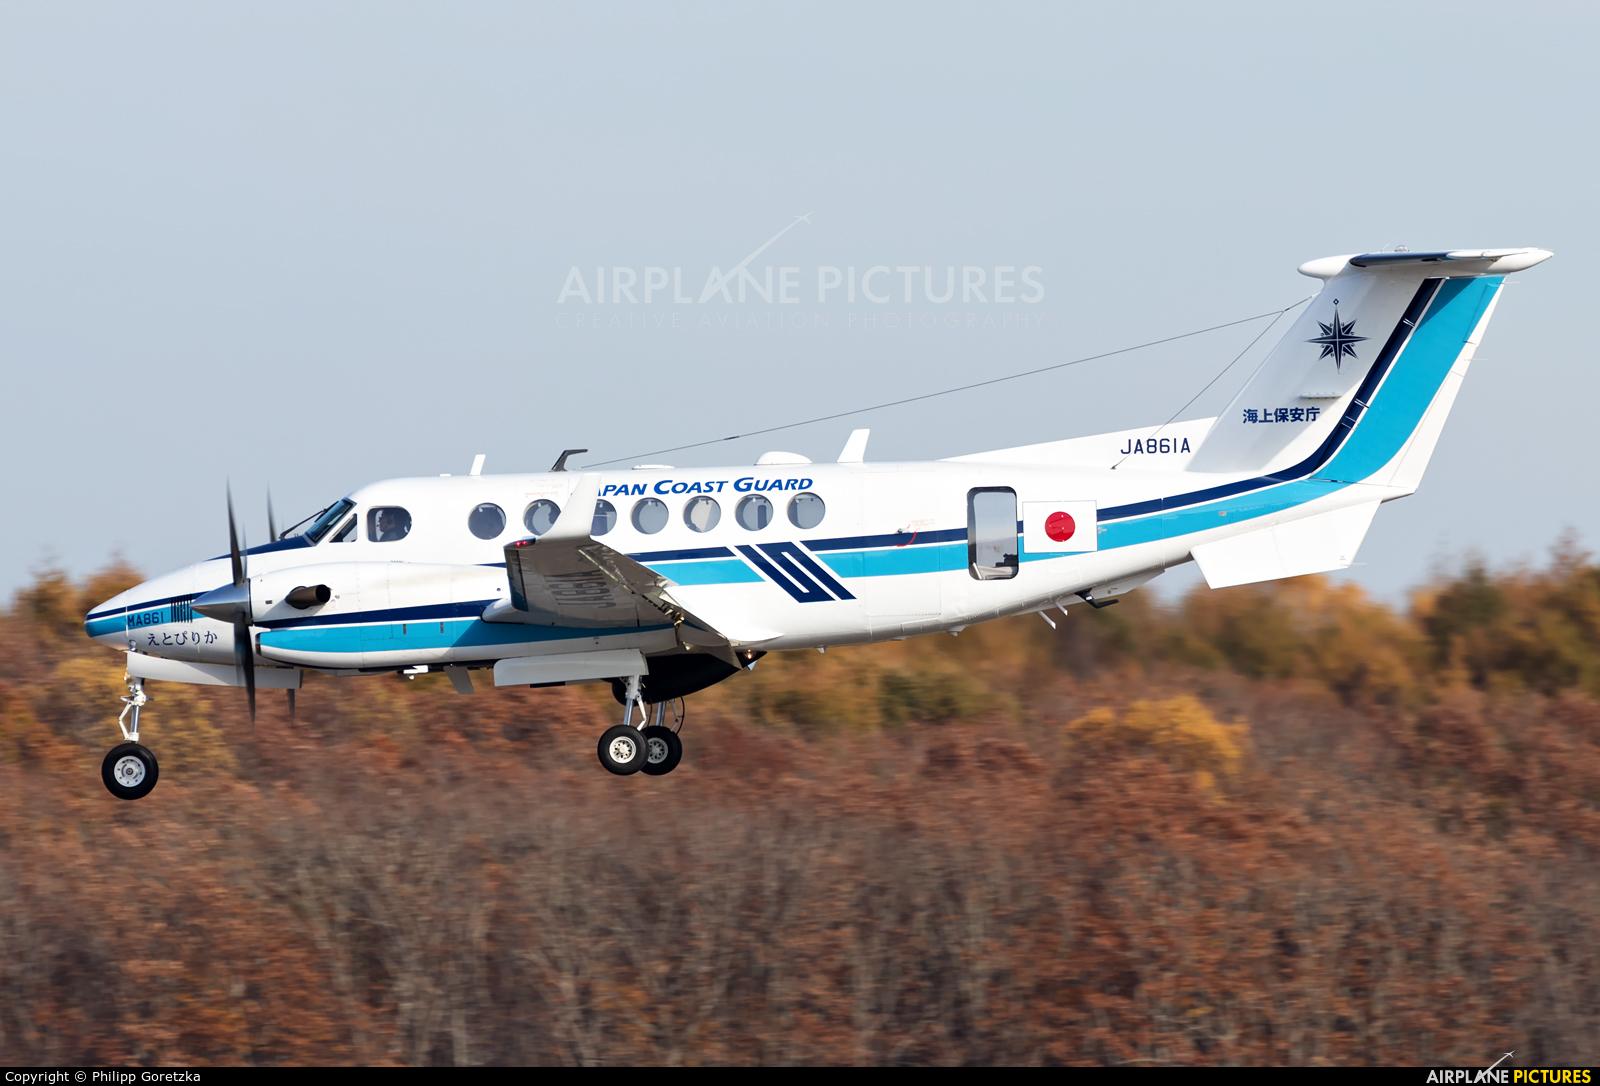 Japan - Coast Guard JA861A aircraft at New Chitose